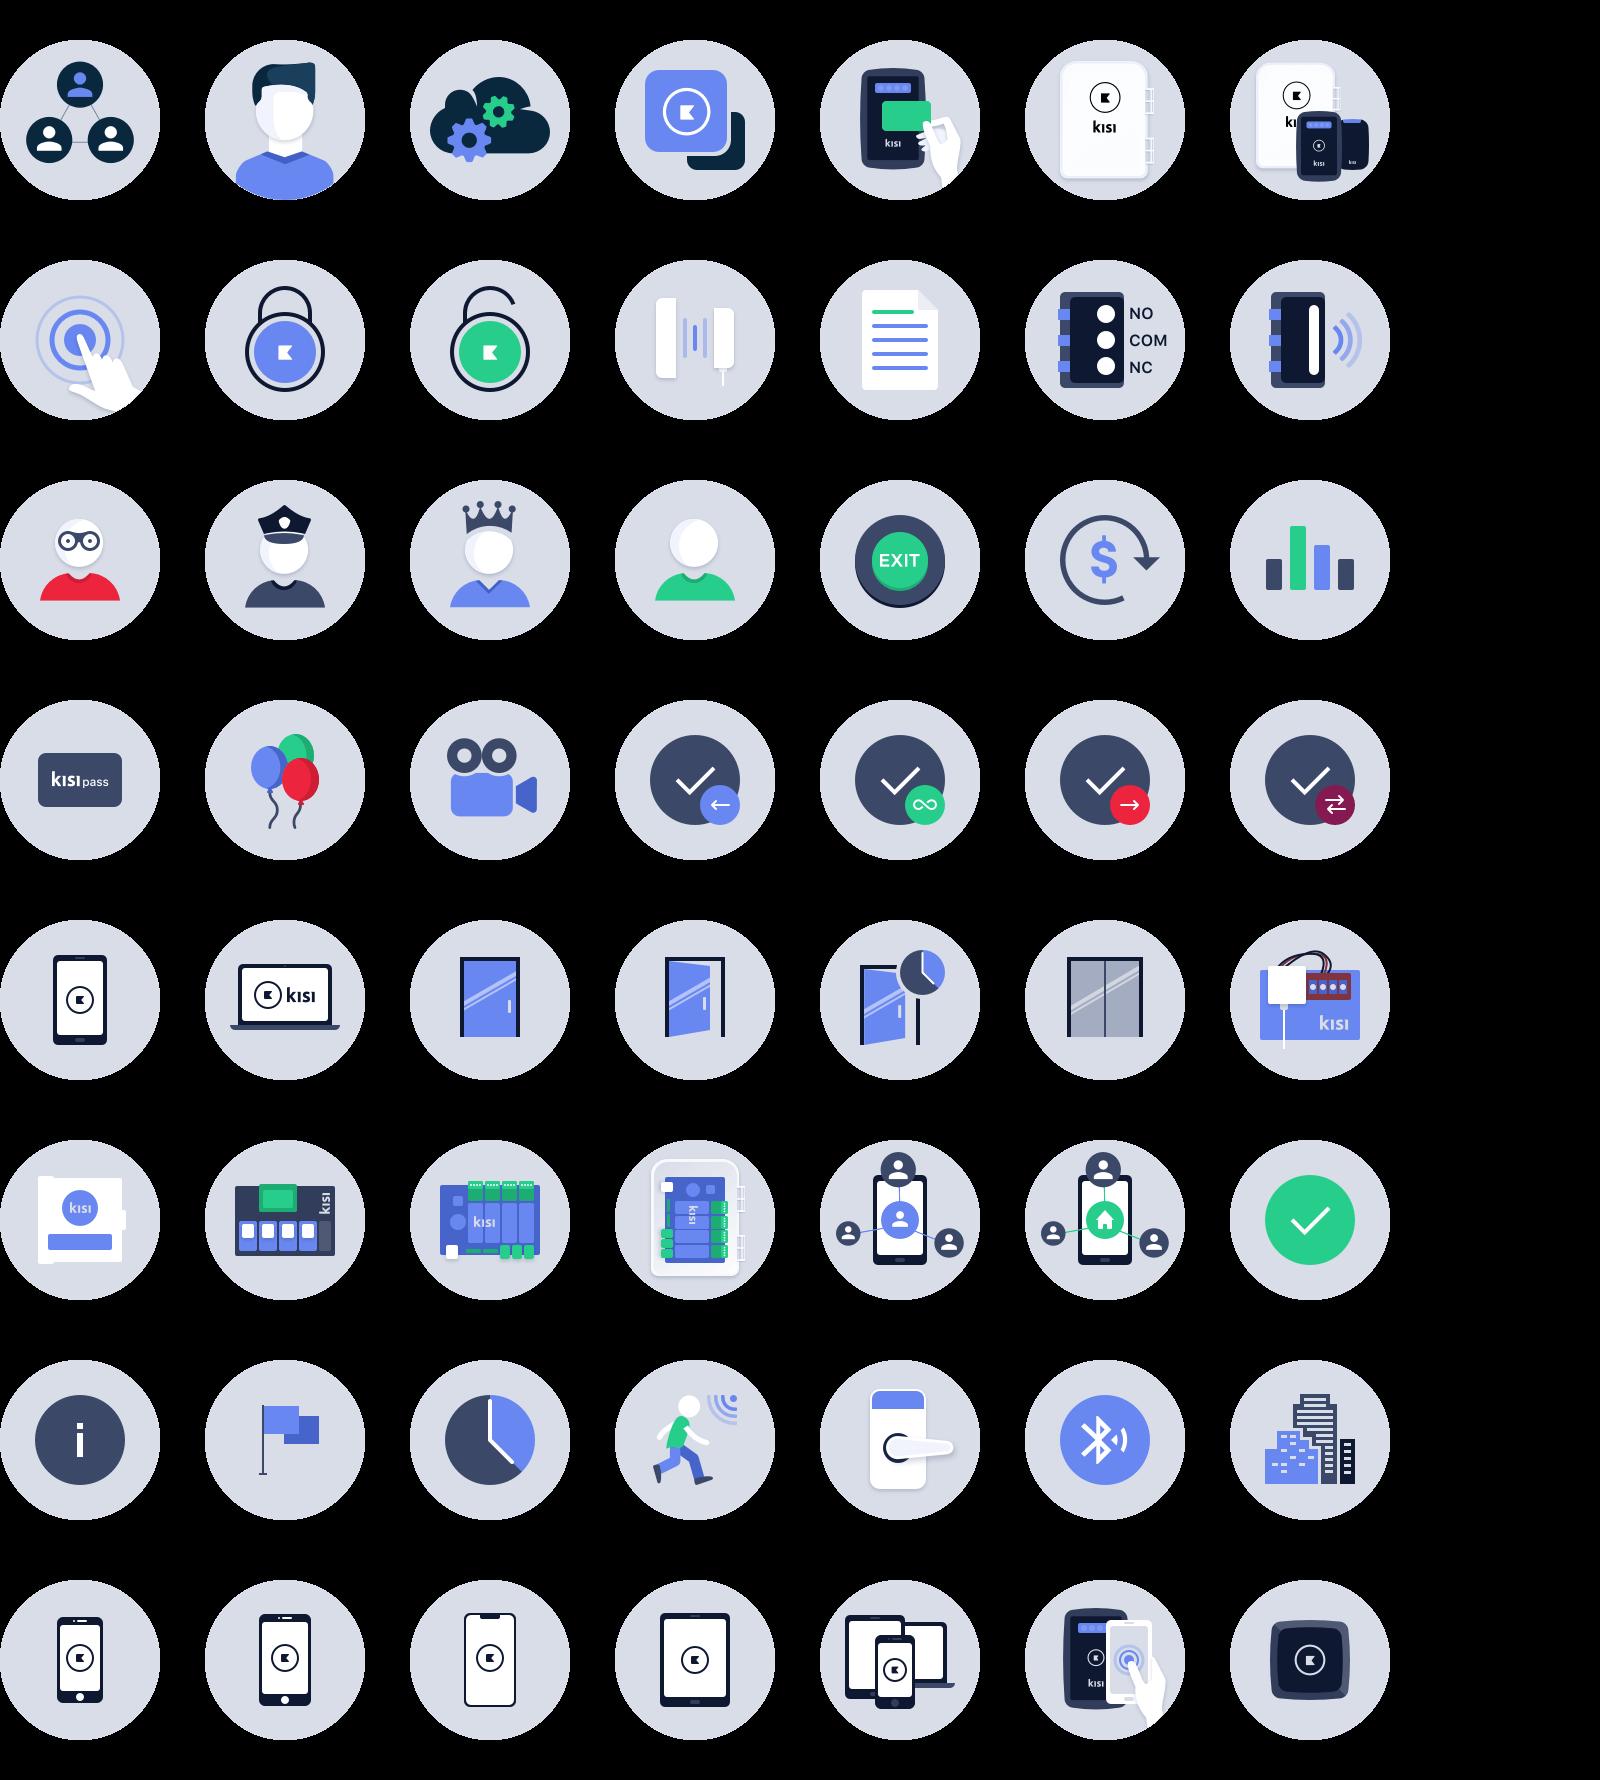 Kisi icons